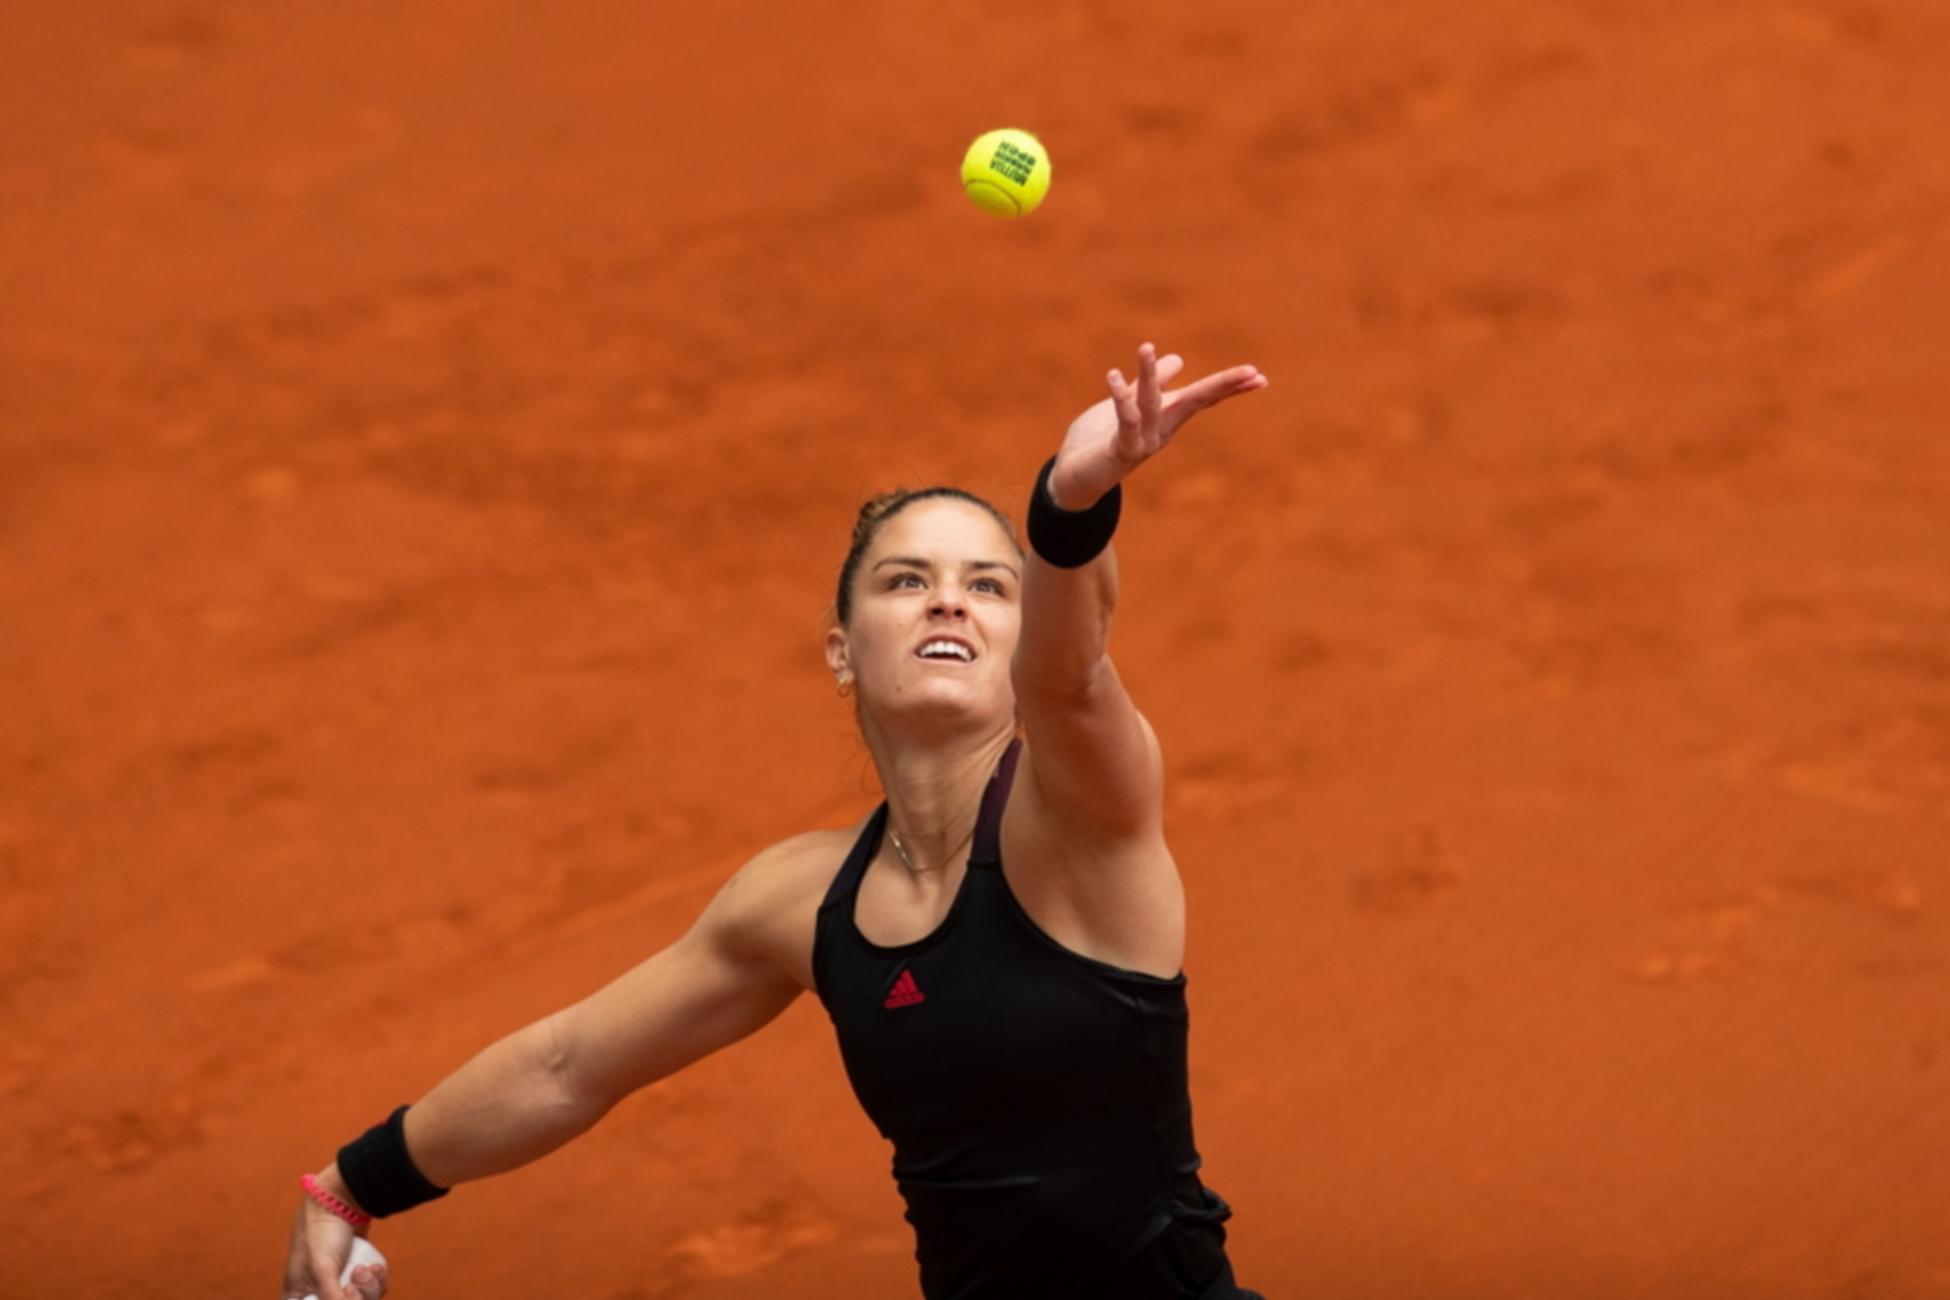 Μαρία Σάκκαρη: Τι ώρα θα γίνει ο προημιτελικός στο Roland Garros